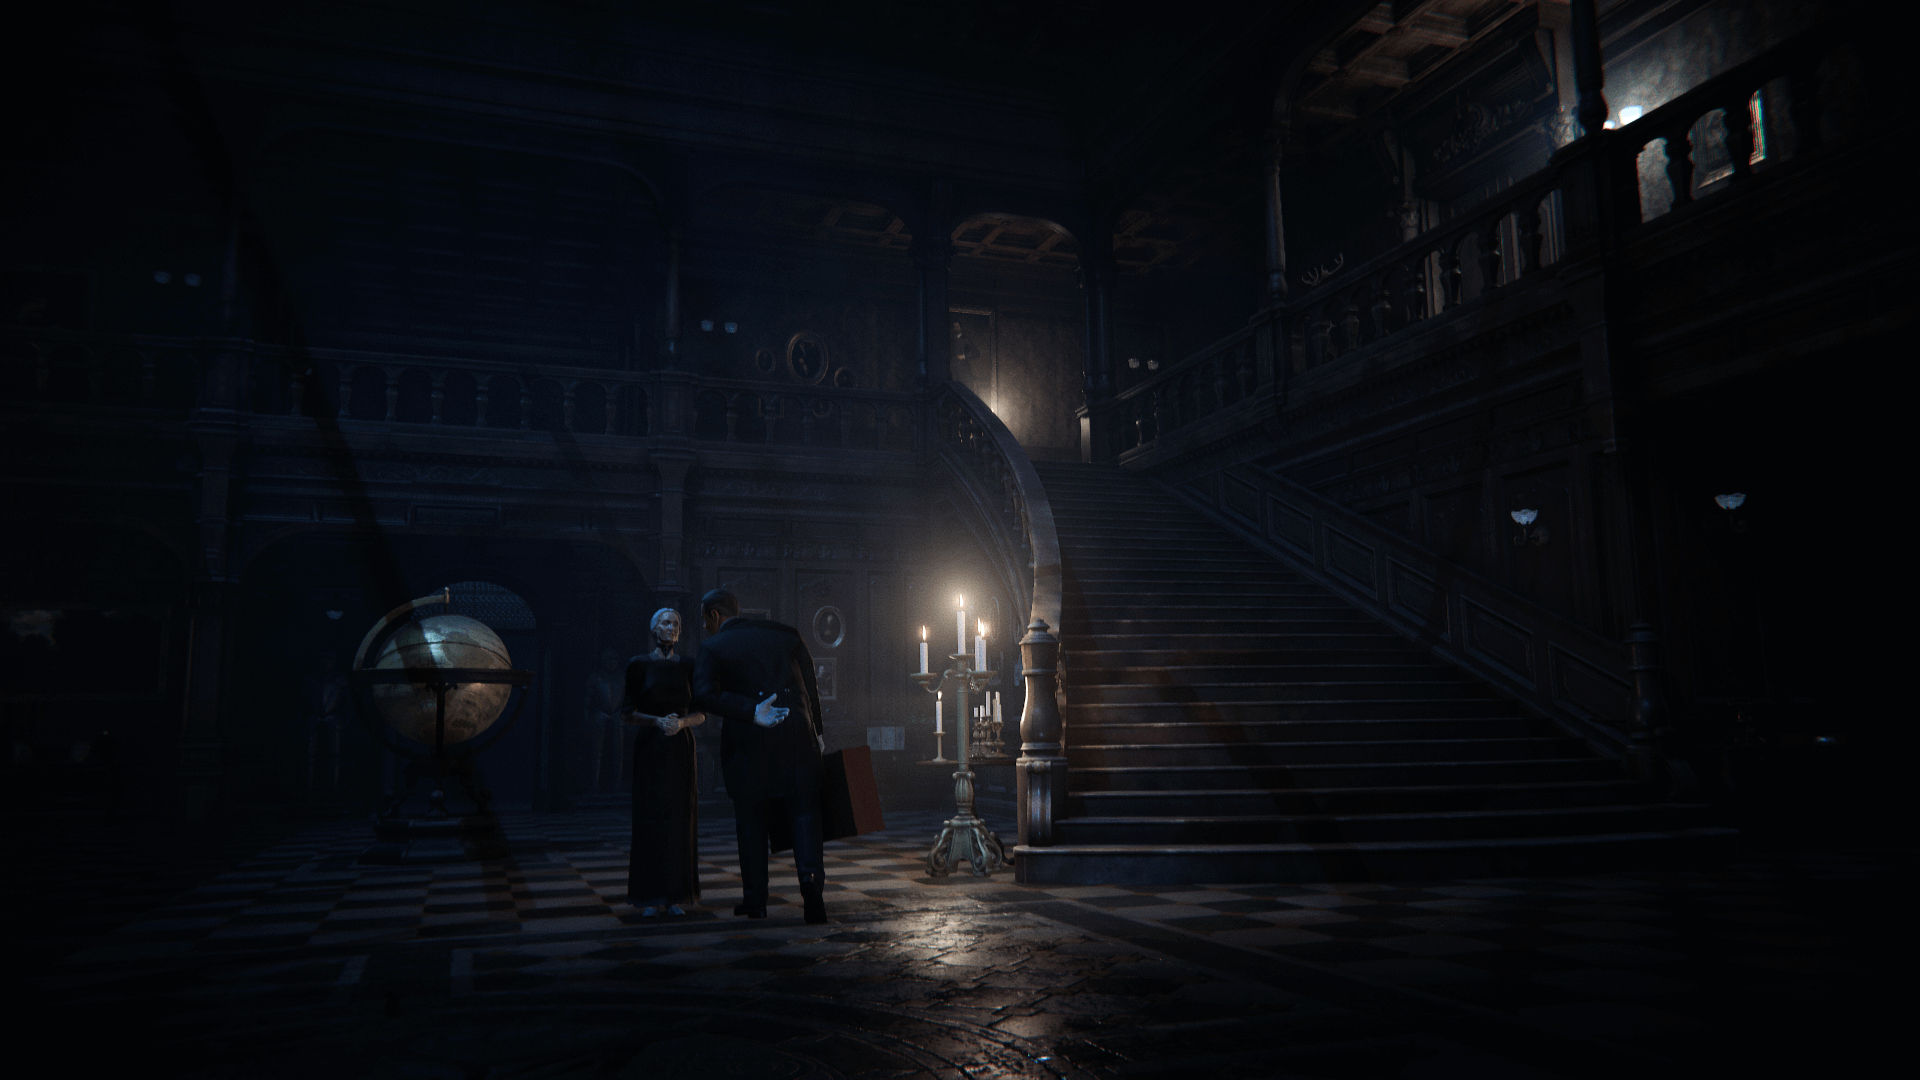 Мистика, тайны и поиск ответов — в первом геймплейном трейлере Black Mirror. Опубликованы системные требования игры